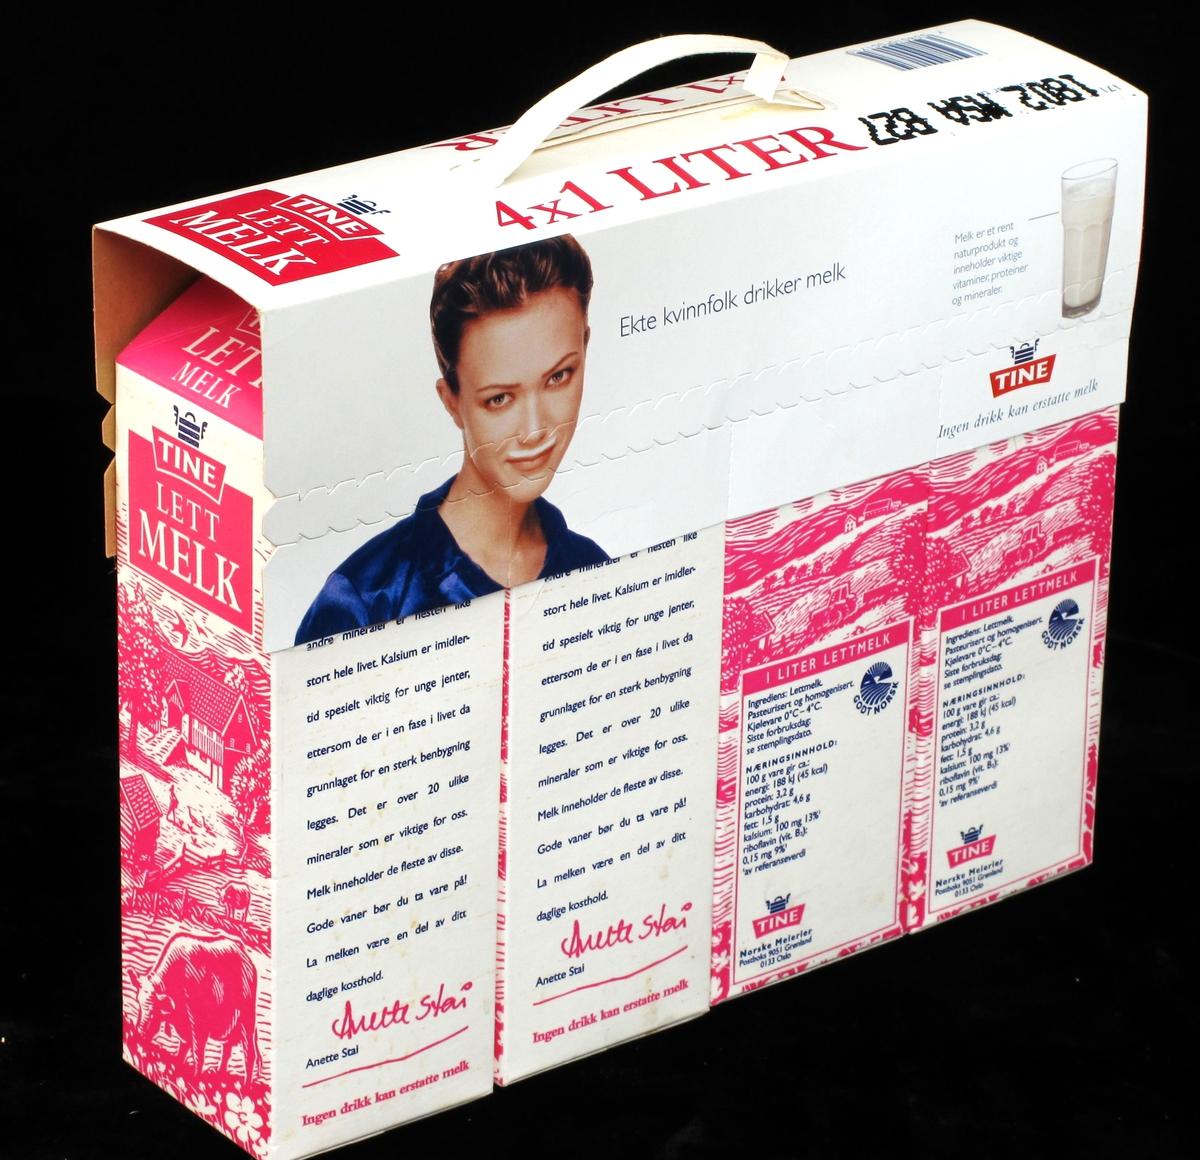 På bærehanken bilde av en kvinnelig fotomodell med melkebart, et glass melk og Tines logo.